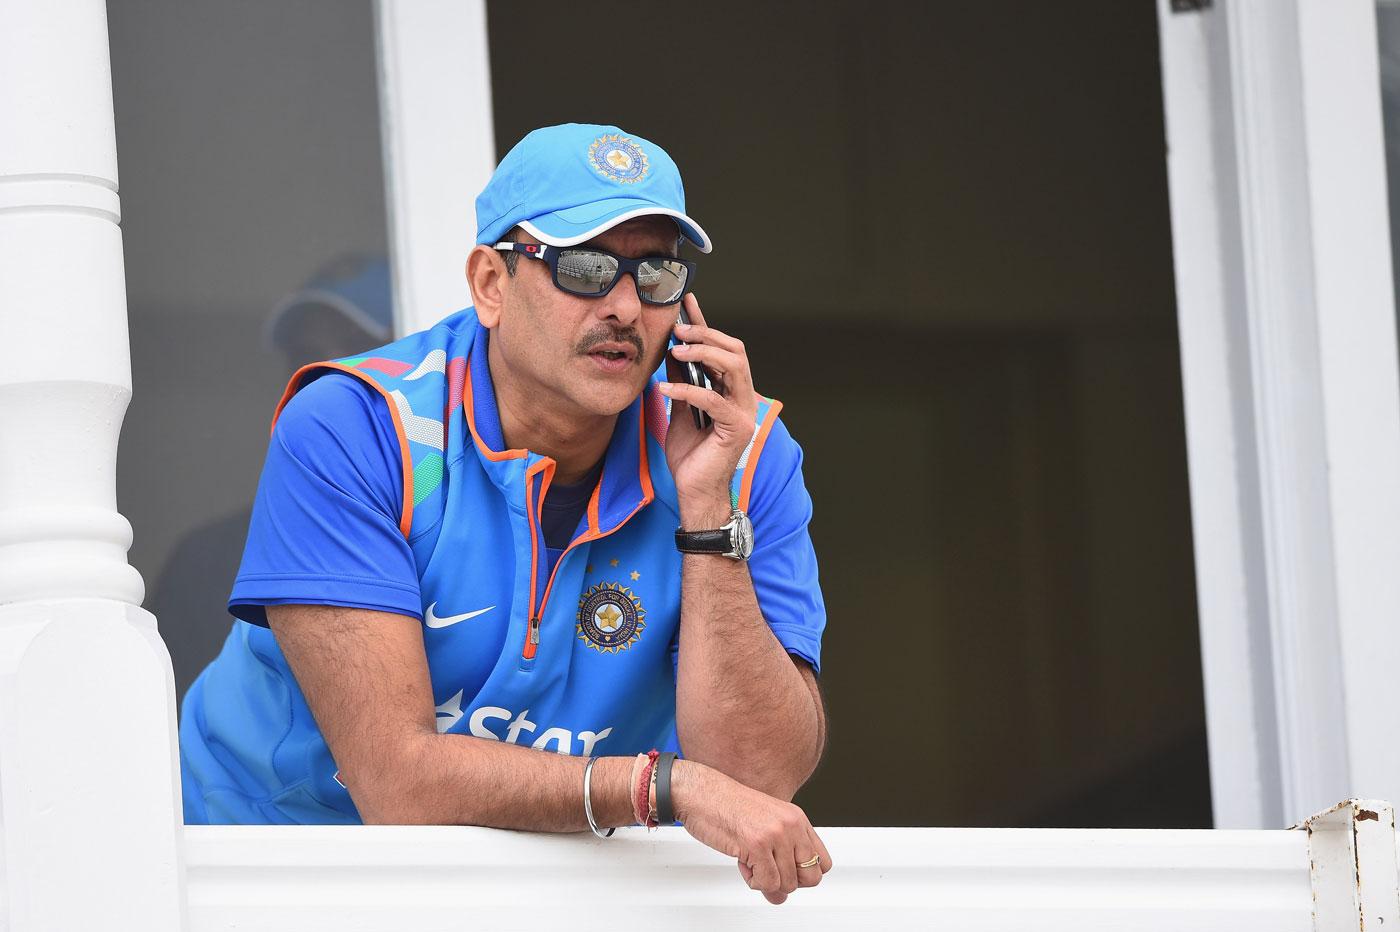 लंका दहन को तैयार है भारतीय क्रिकेट टीम, लेकिन श्रीलंका दौरे से पहले रोहित और राहुल को लेकर ये क्या कह गये रवि शास्त्री 18